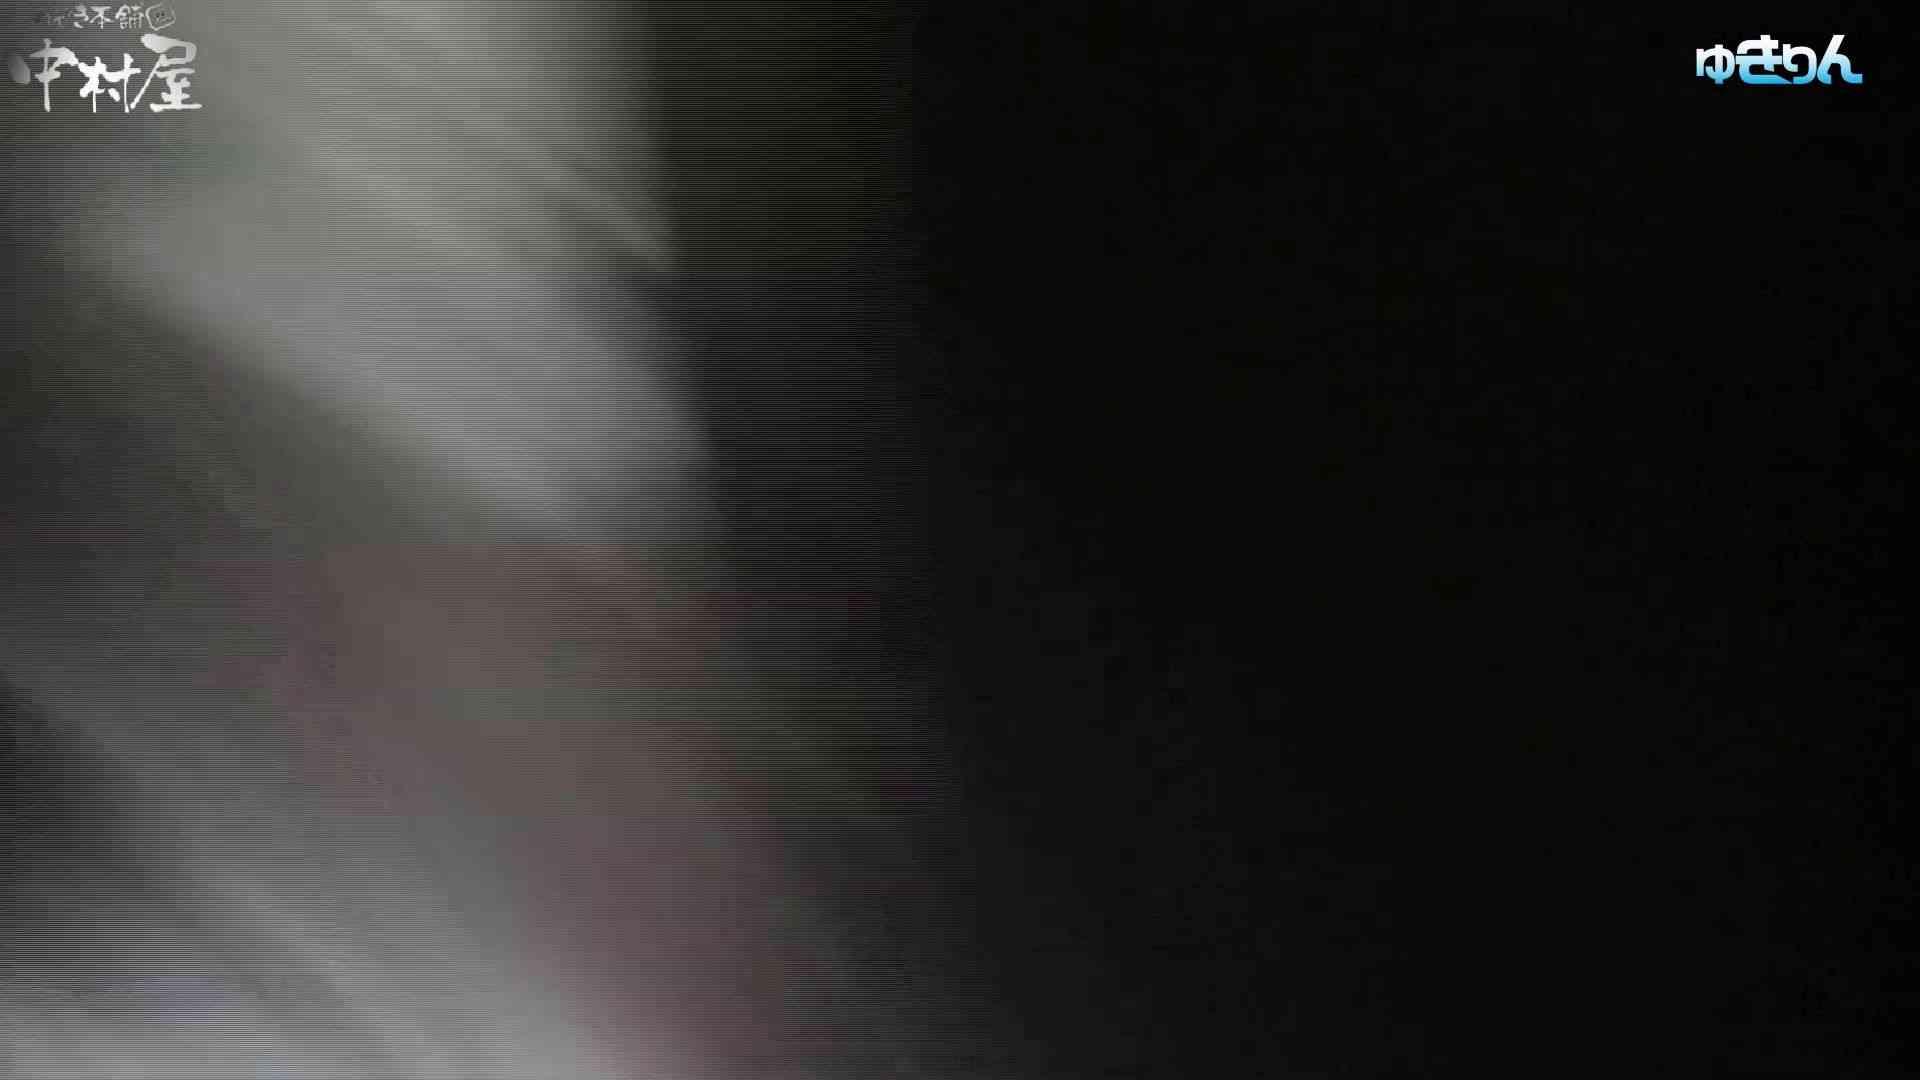 世界の射窓から~ステーション編 vol57 買い物の後三人組再び一番可愛い子が隣に入ってくれた。 OLハメ撮り  33Pix 24